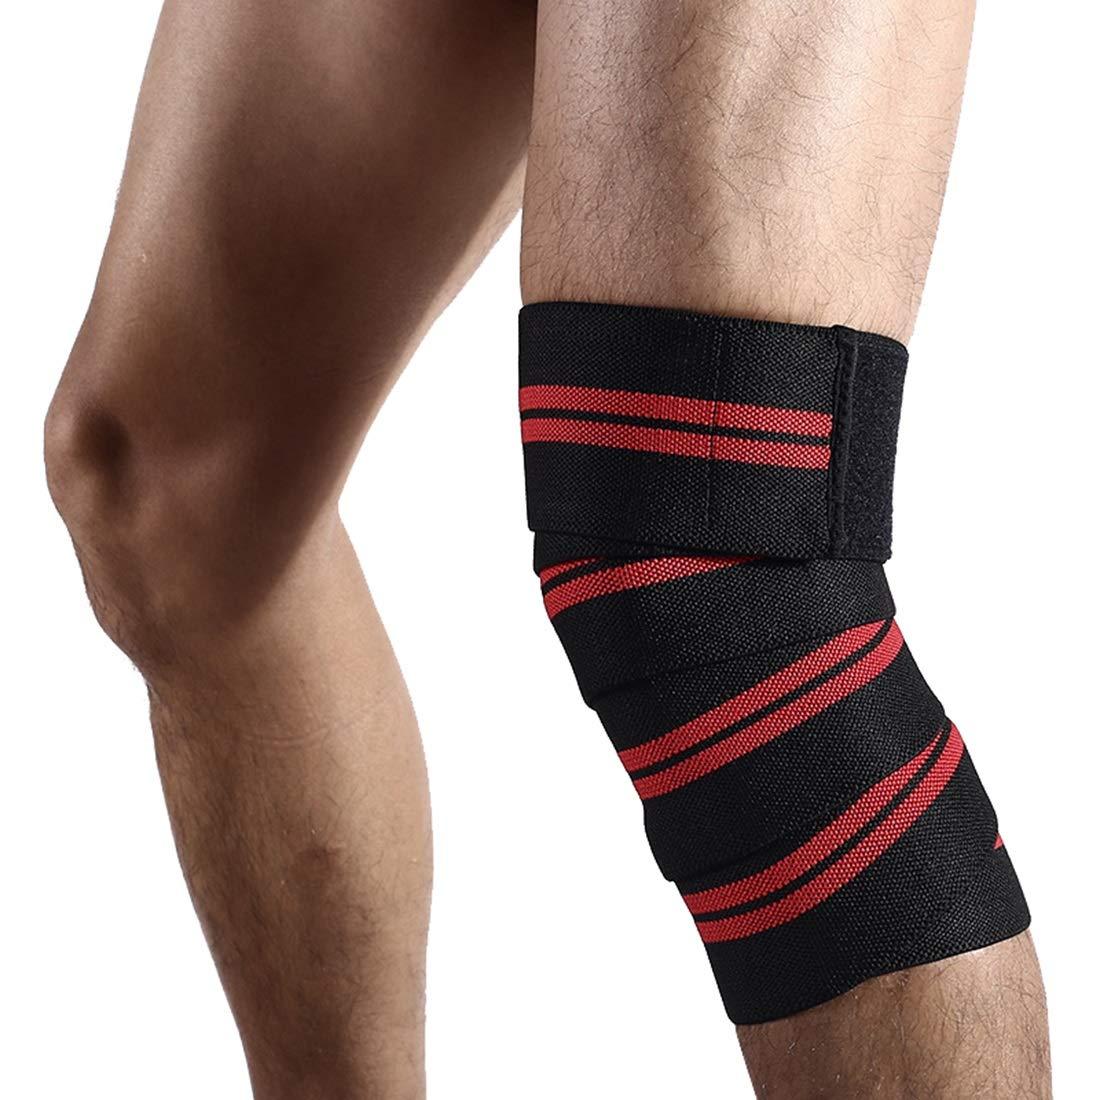 FELICIPP Sports enroulement Fort /élastique Bandage Auto-adh/ésif Genou Lifting Halt/érophilie Bride De Protection